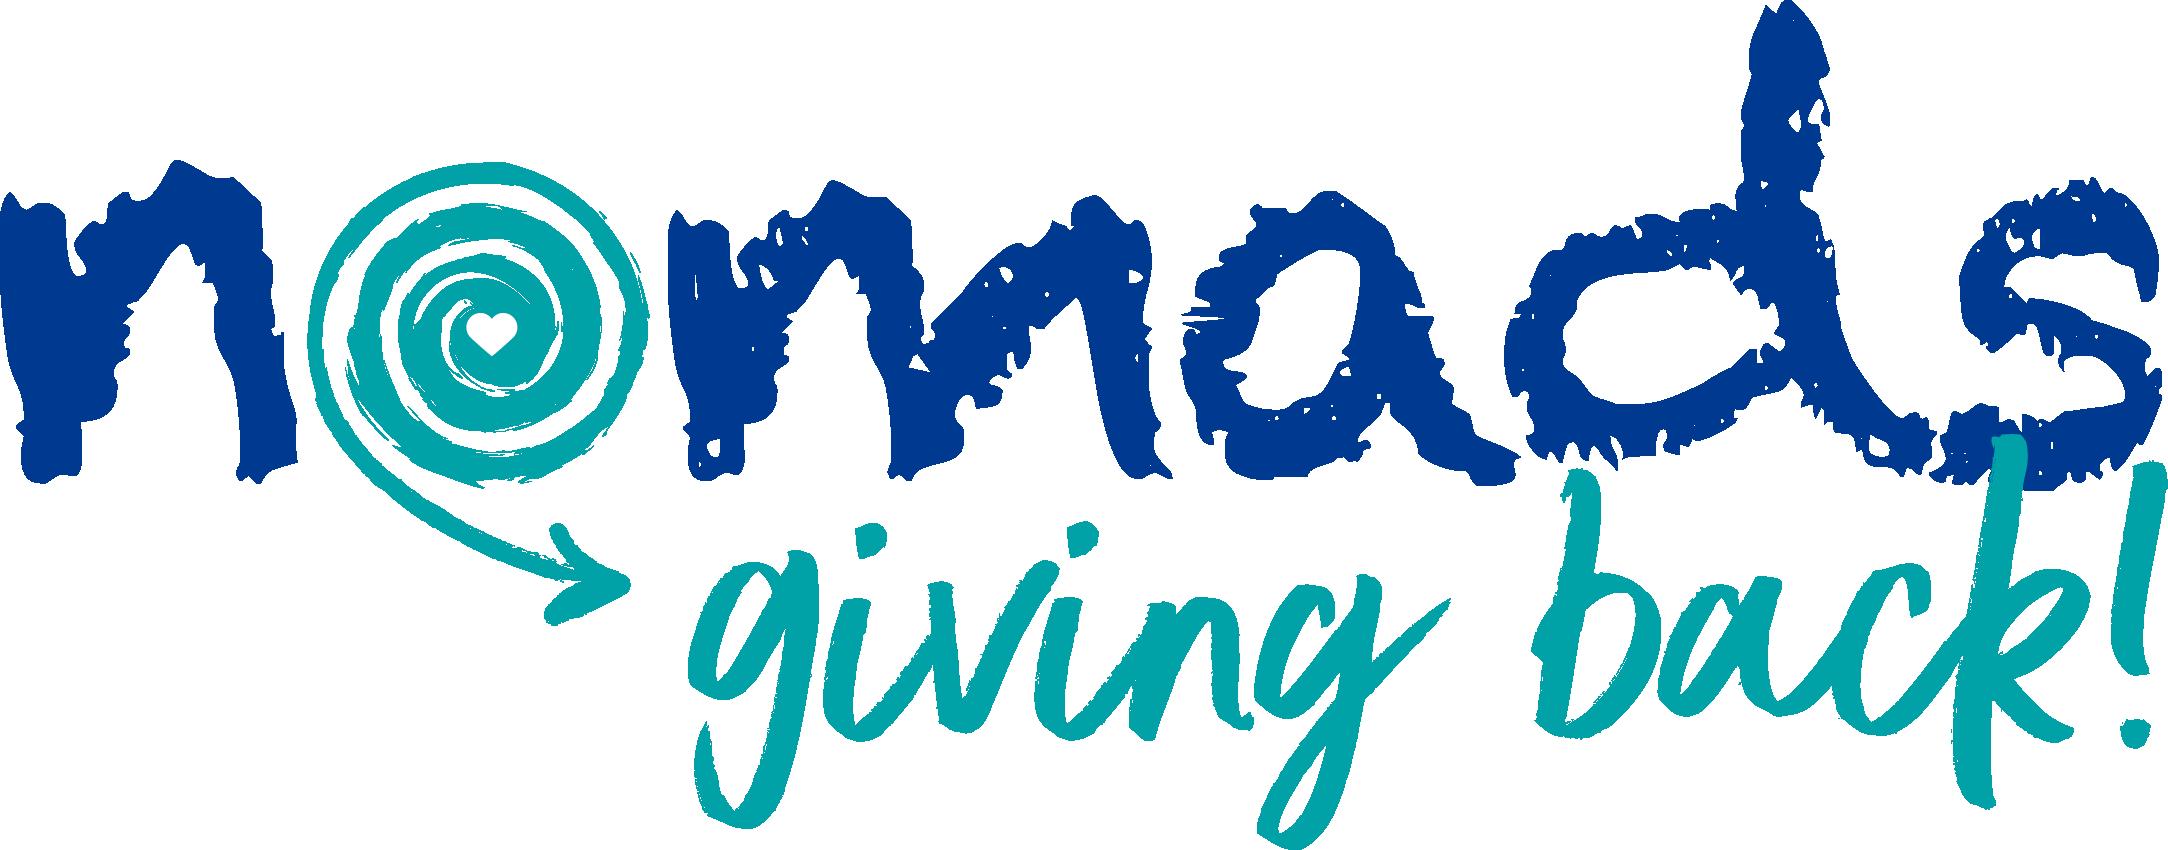 Nomads giving back.png